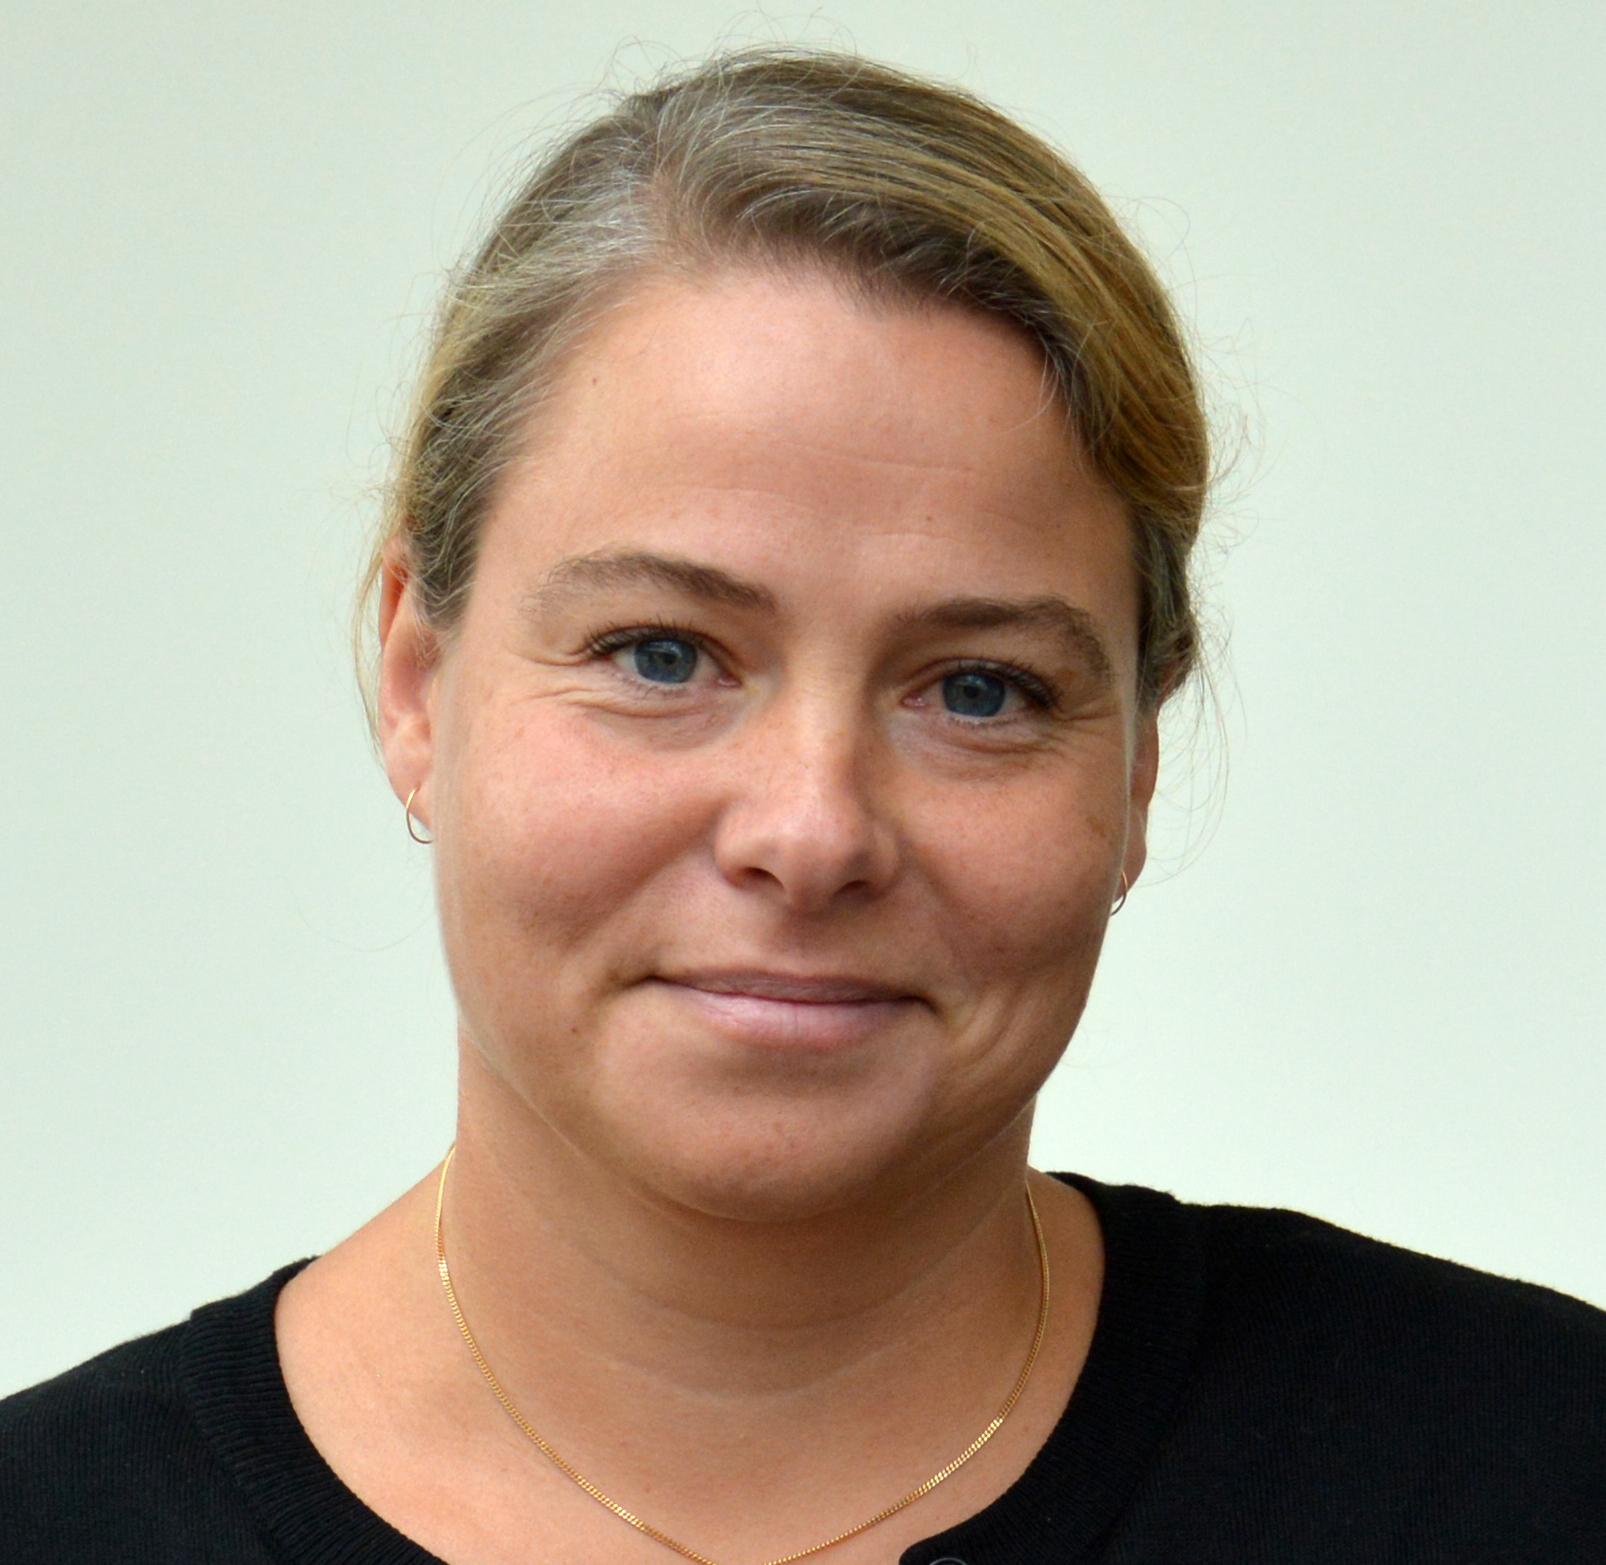 Lina Spjut